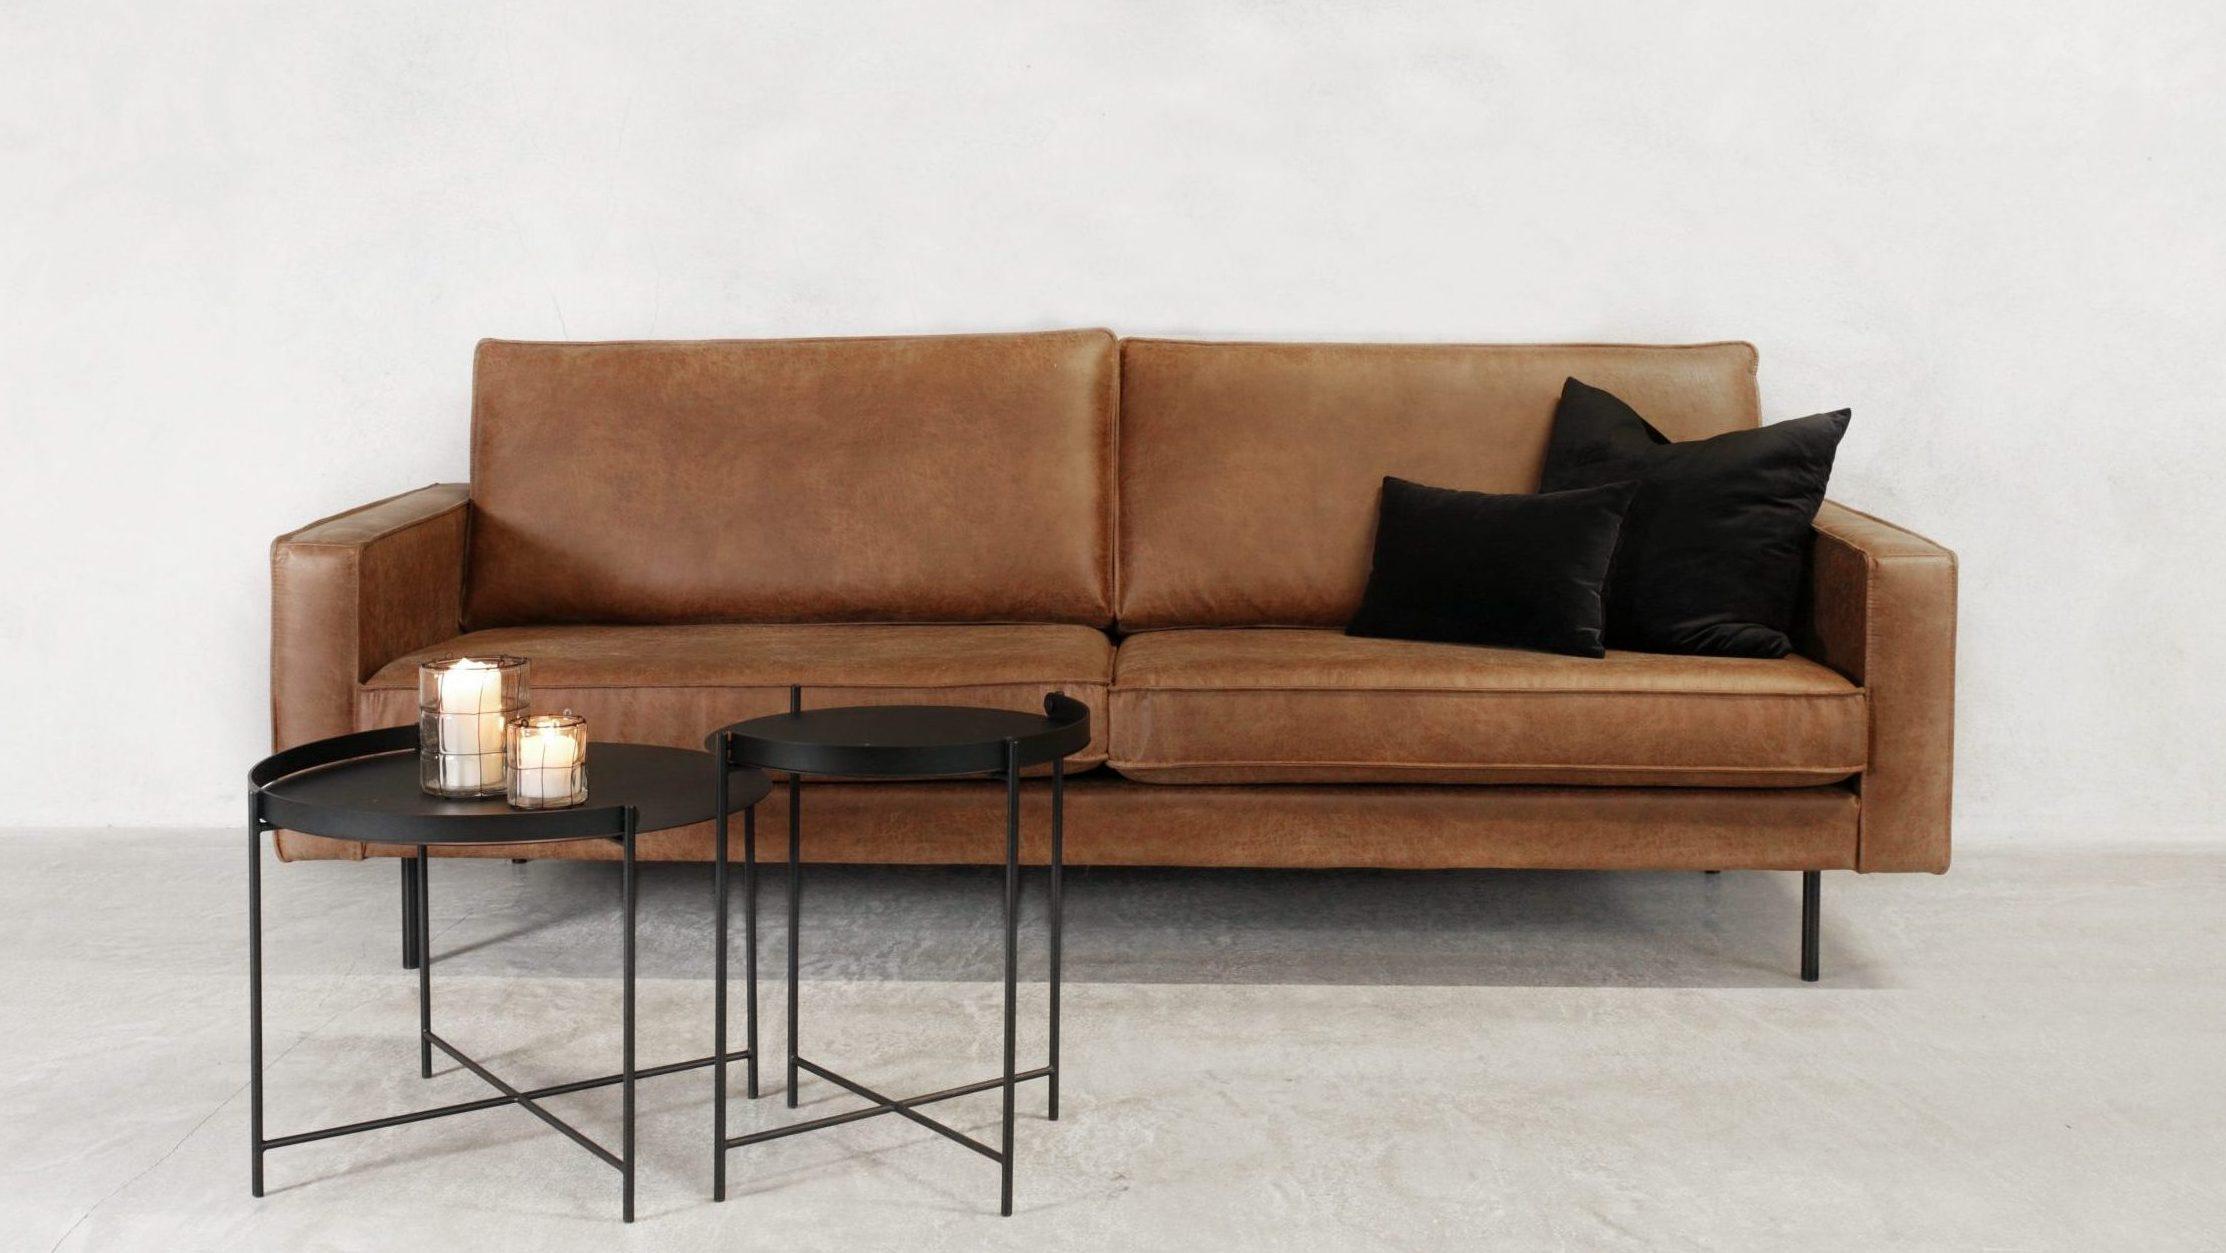 Amalie xl sofa konjakk-2